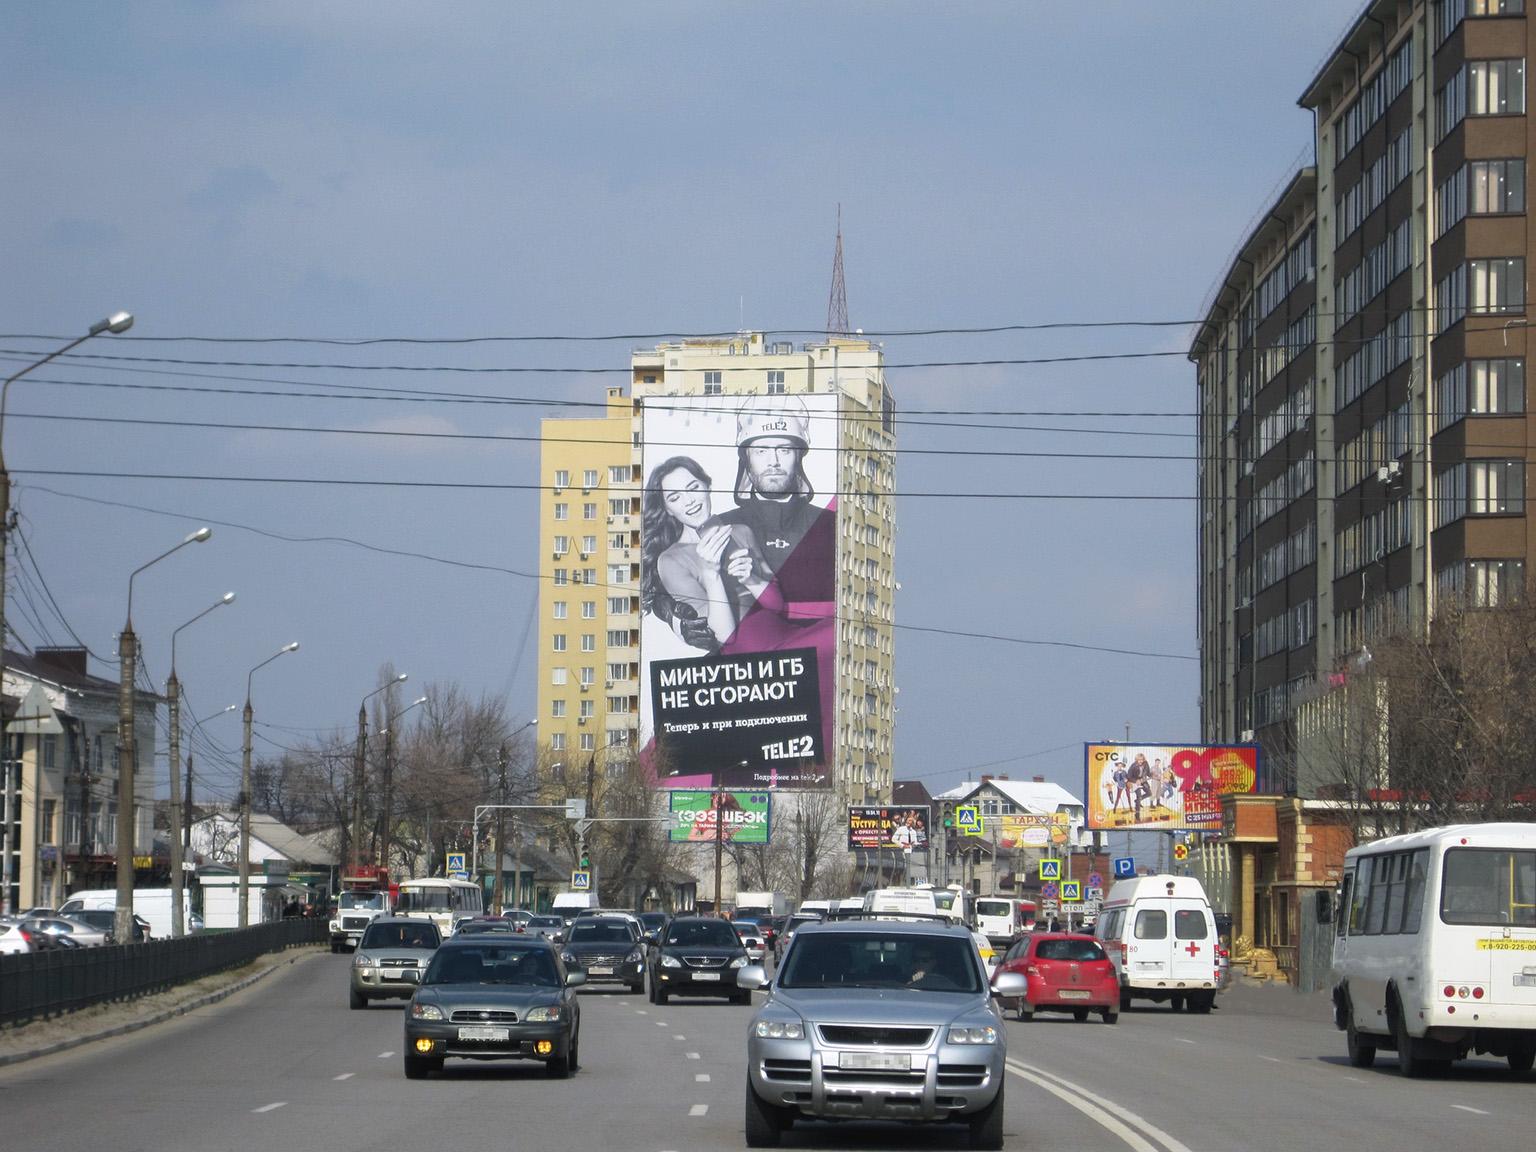 Брандмауэр «TELE2», ул. Ленина, д. 56, дневной вид